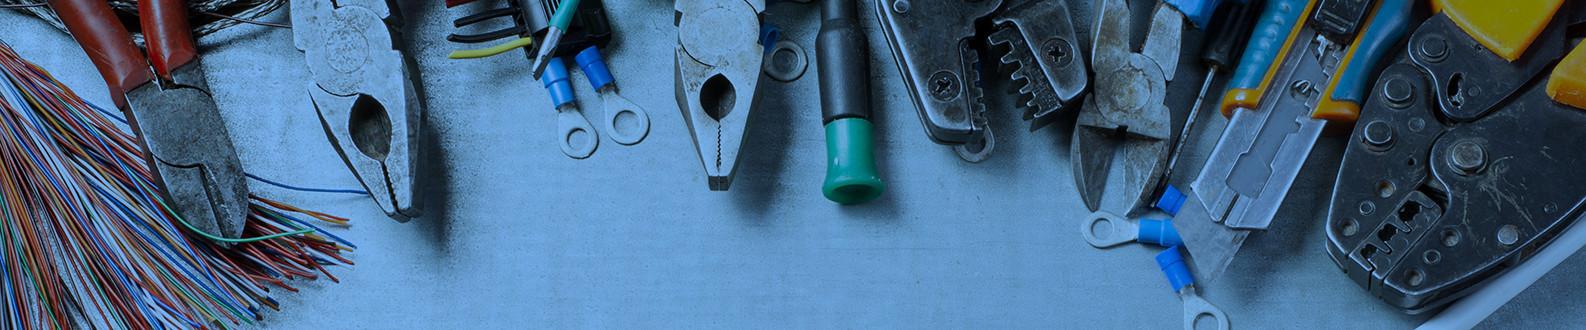 Outillages professionnels : perceuses, visseuses, meuleuses, pinces...